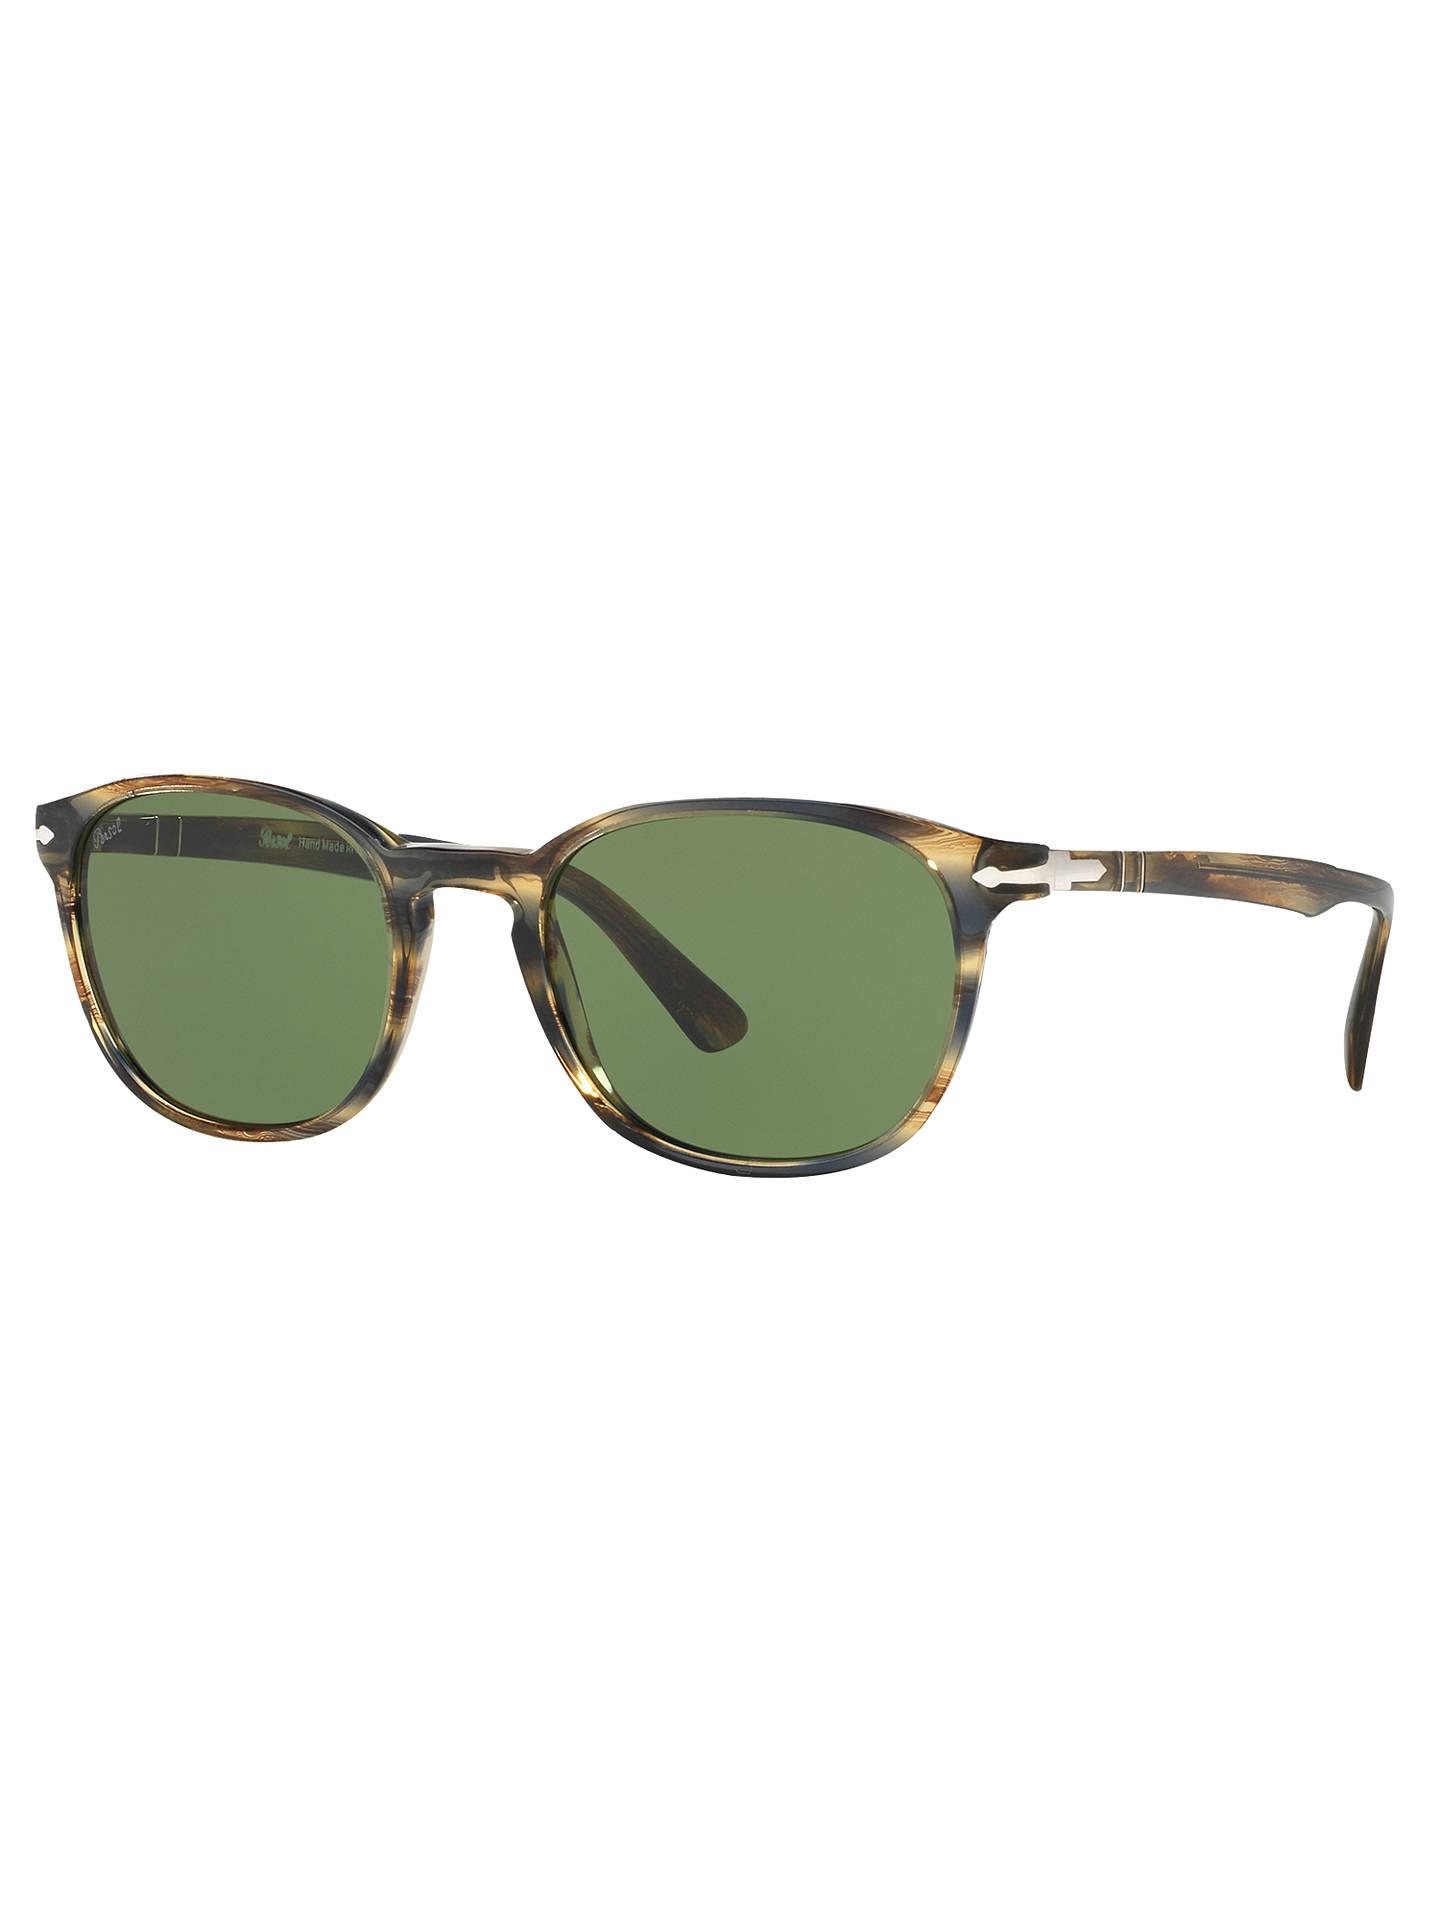 f8a588a0ce0dd Buy Persol PO3148S Oval Sunglasses